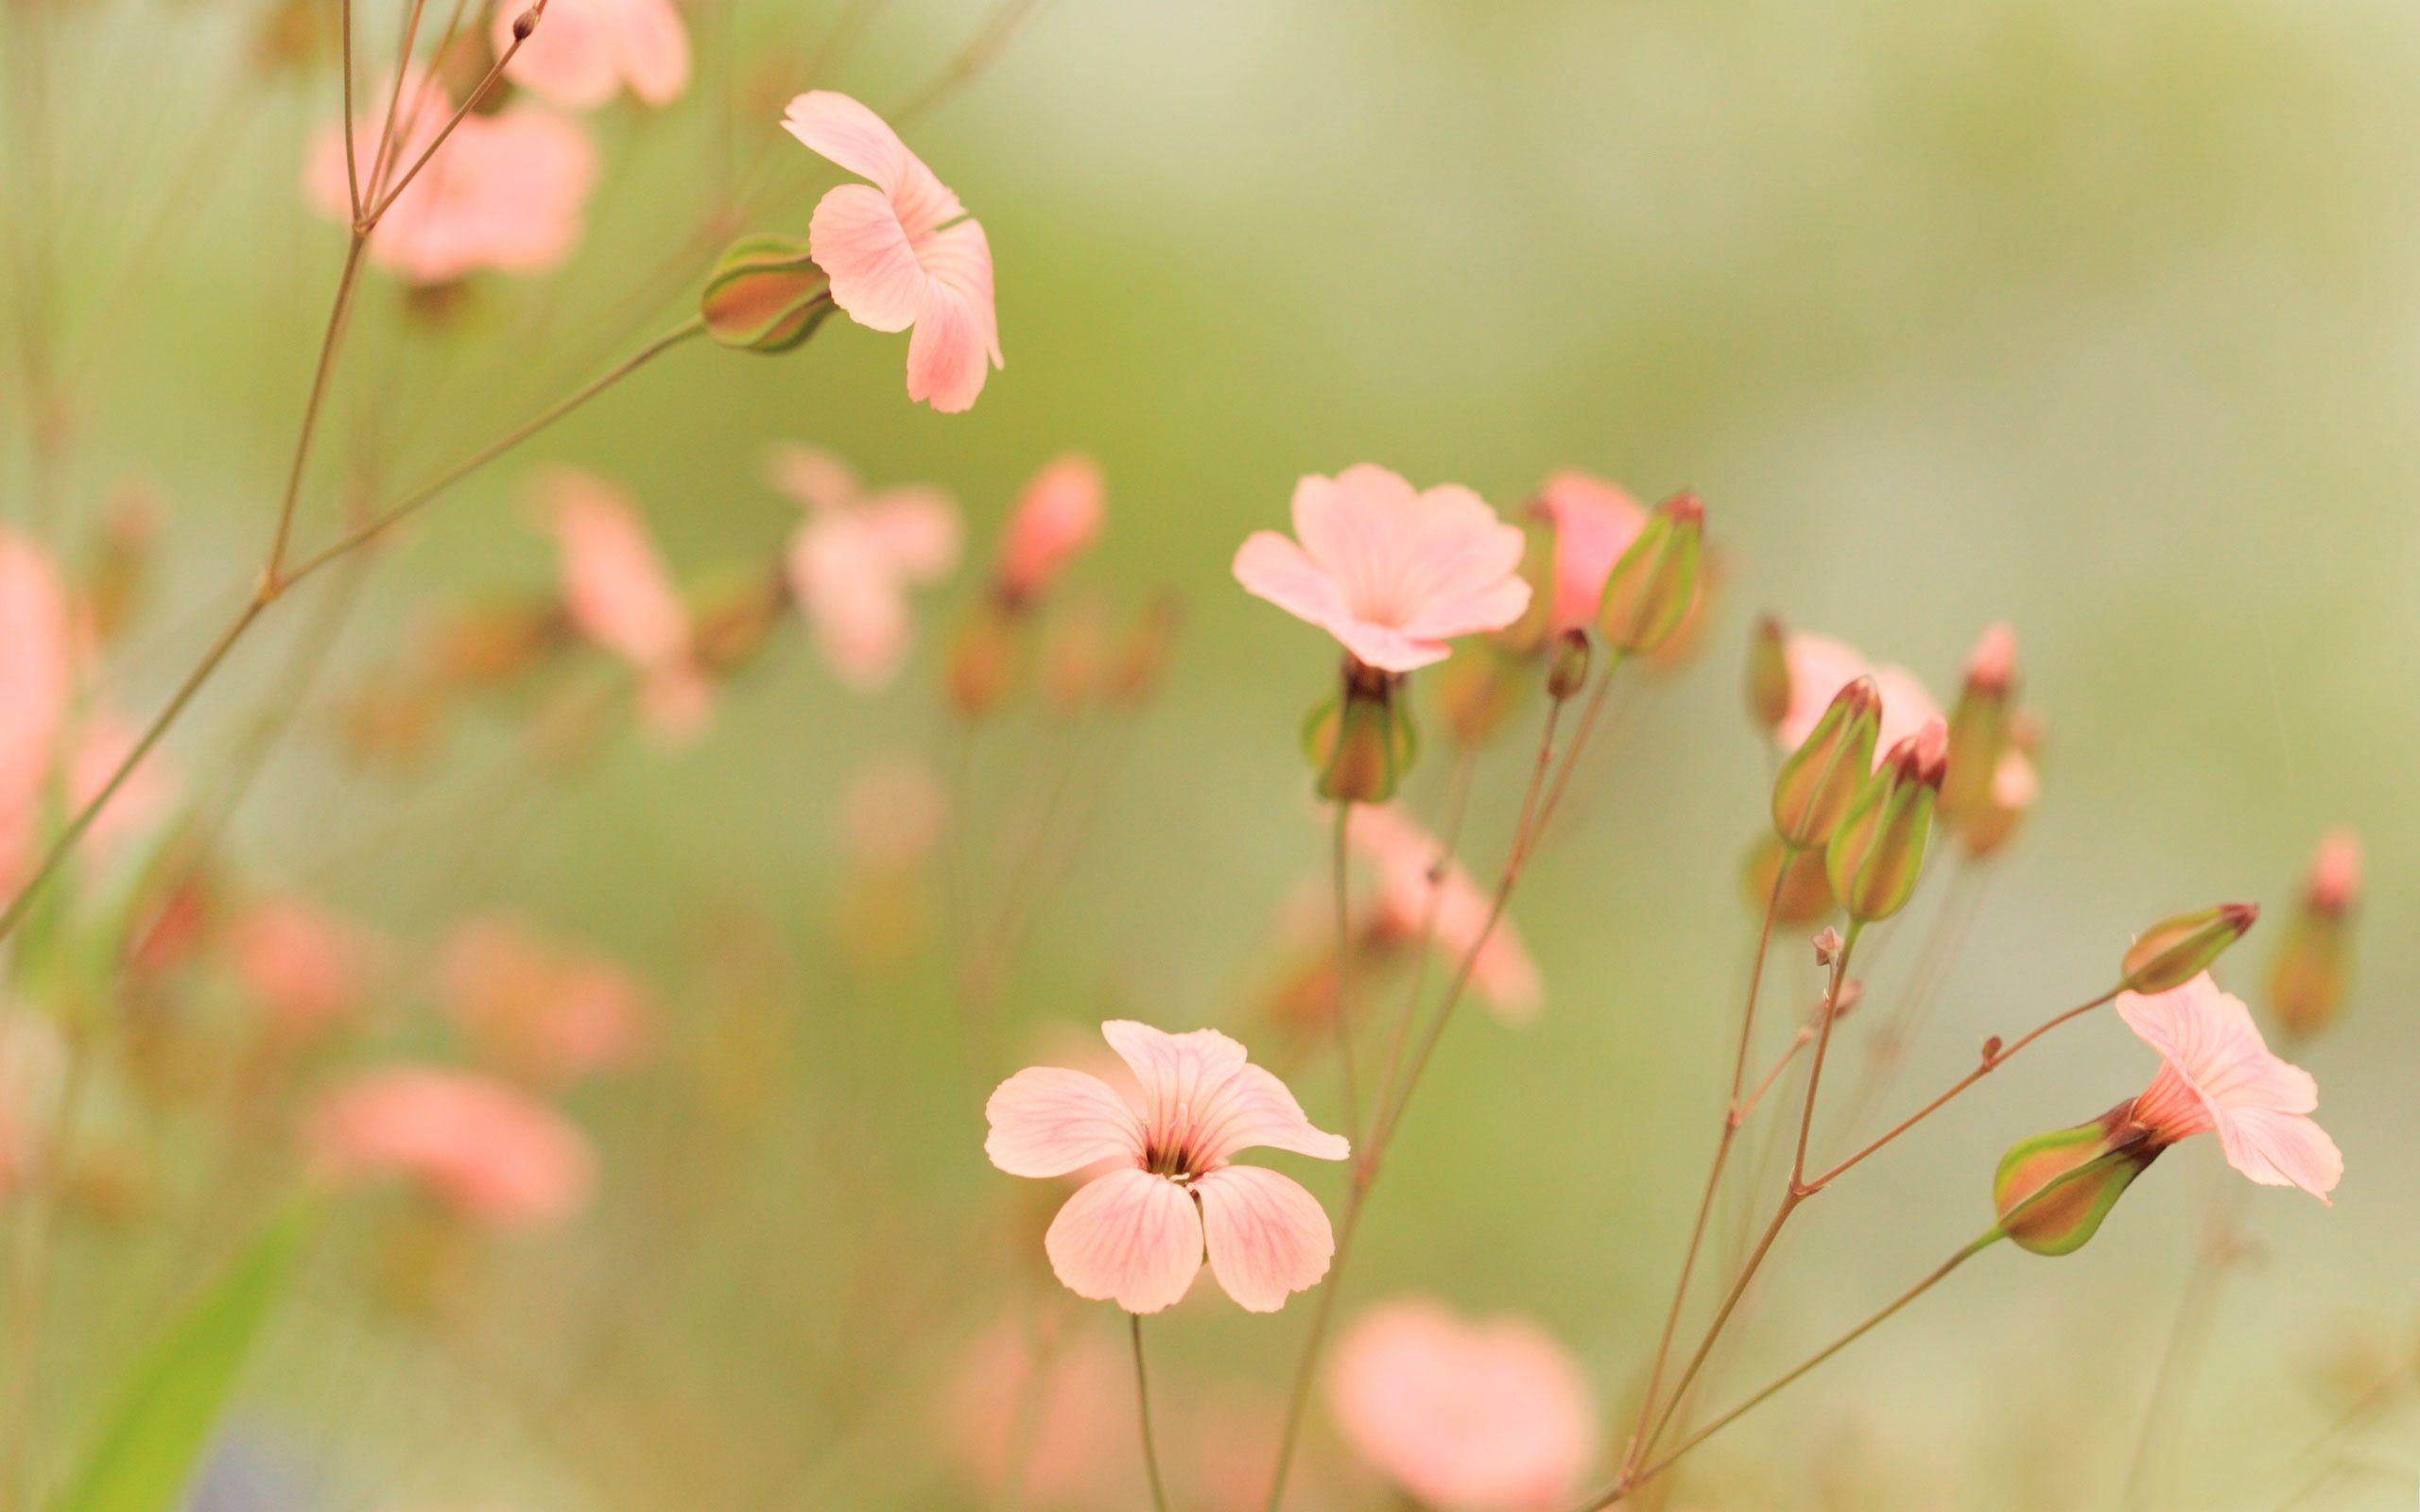 Summer Flowers Wallpapers - Summer Flowers Desktop Background , HD Wallpaper & Backgrounds